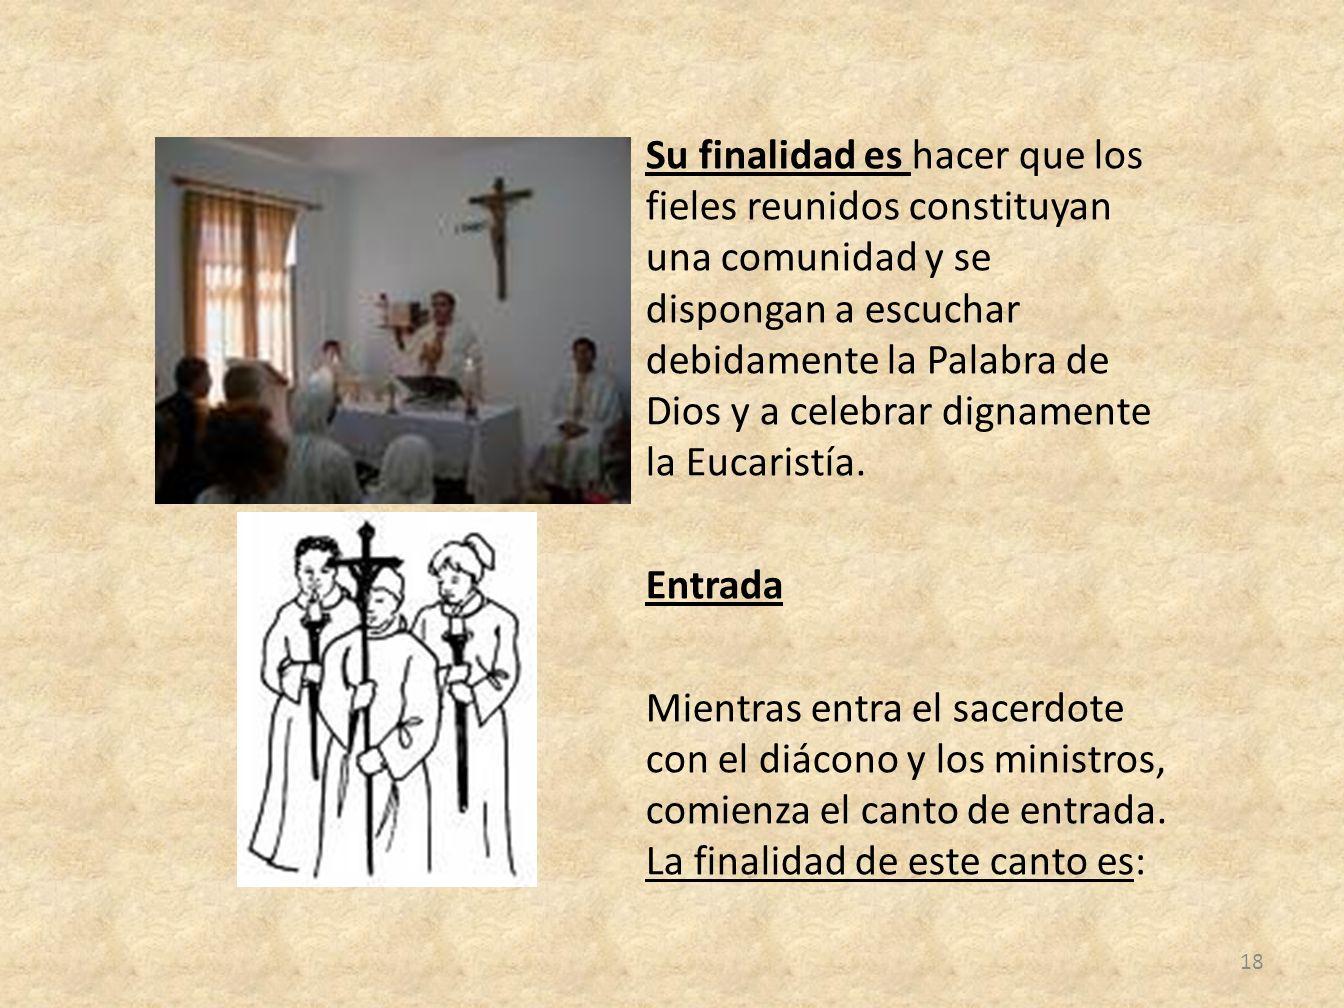 Su finalidad es hacer que los fieles reunidos constituyan una comunidad y se dispongan a escuchar debidamente la Palabra de Dios y a celebrar dignamente la Eucaristía.